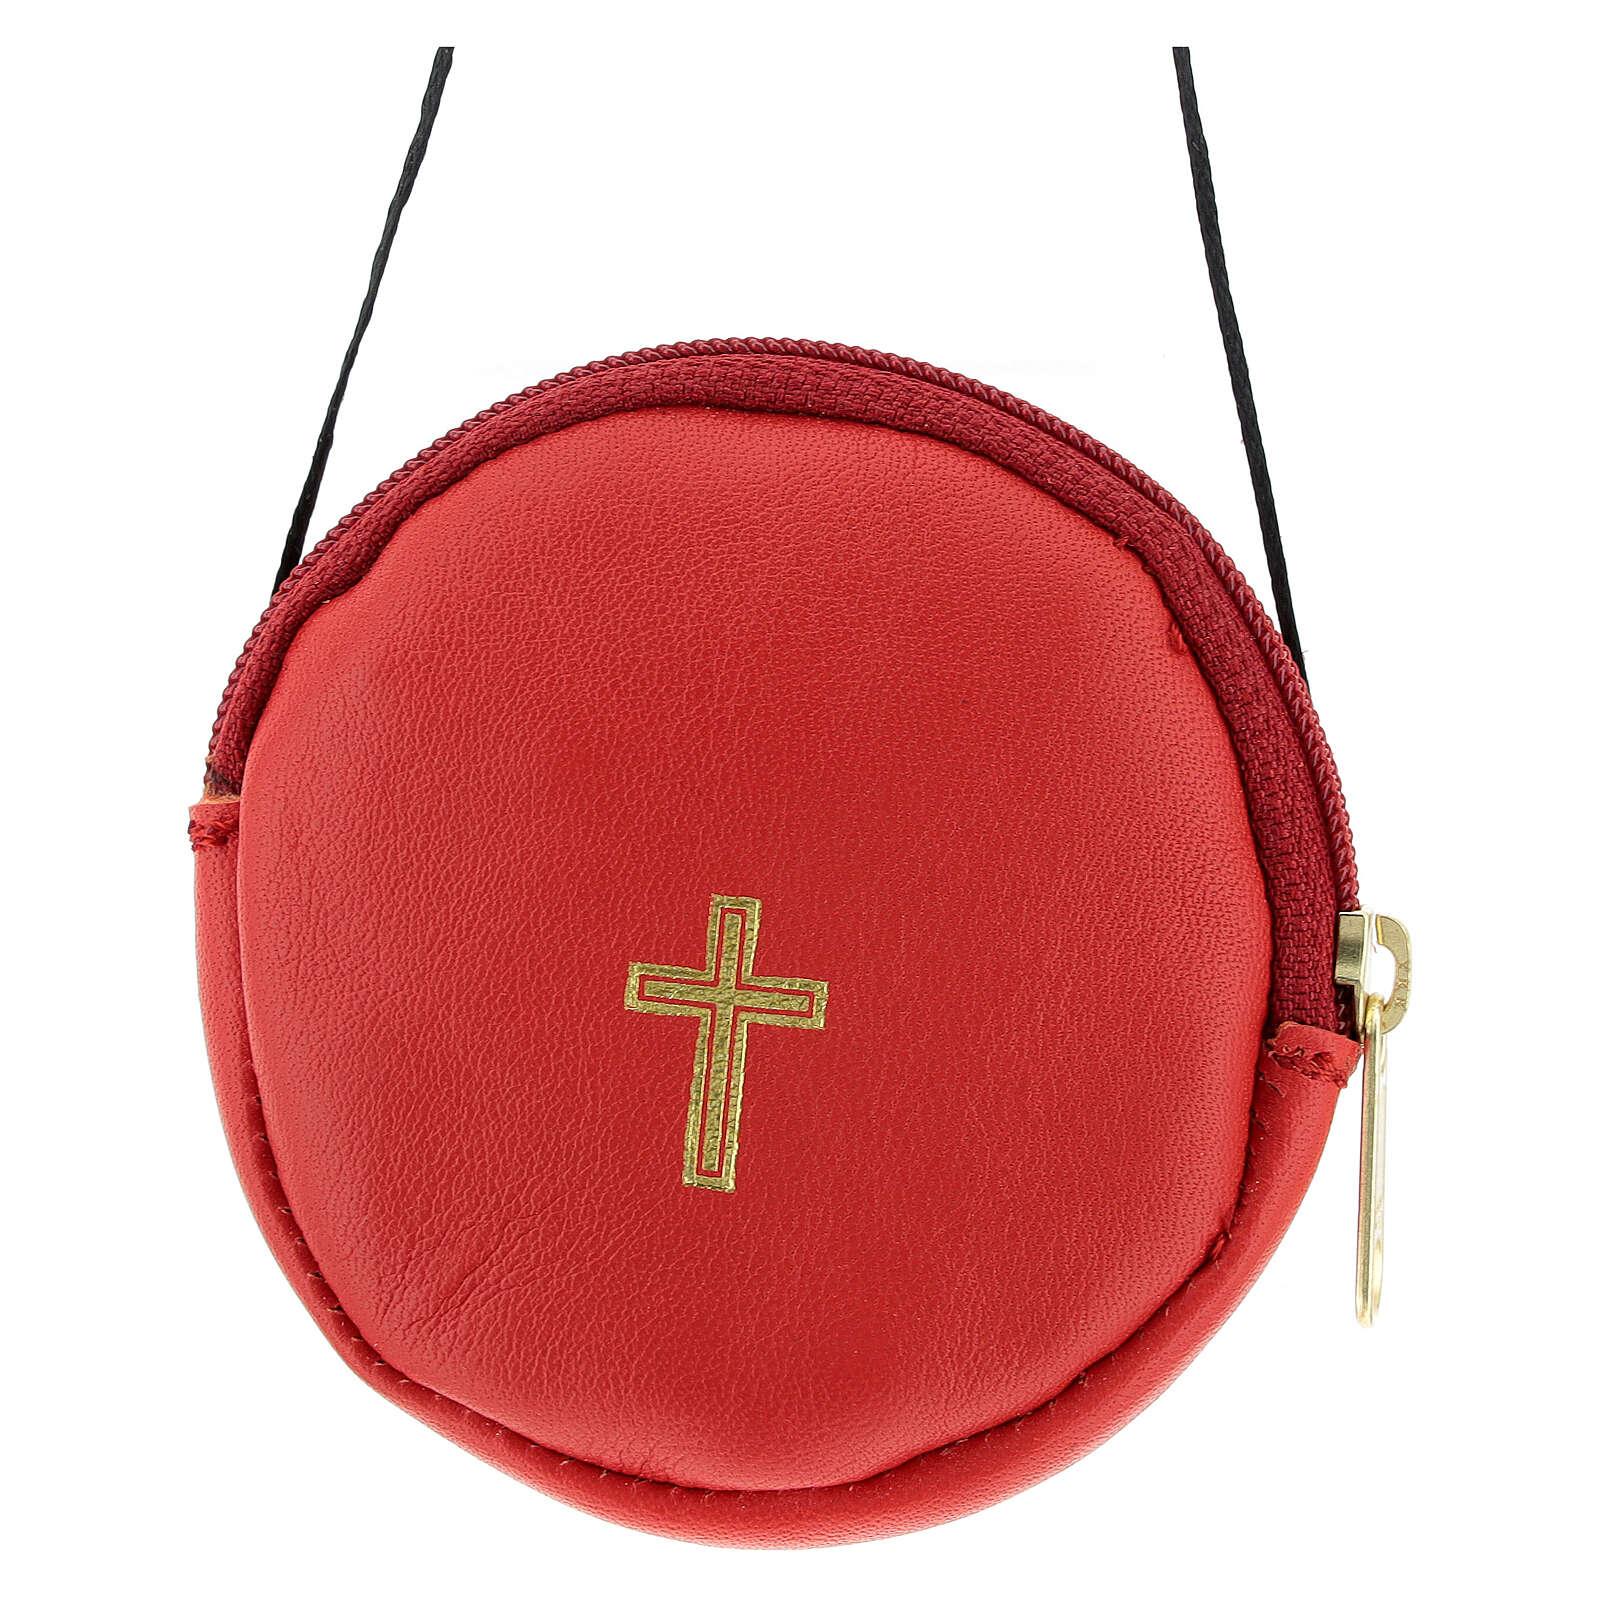 Étui pour custode à hosties rond cuir rouge véritable 8 cm avec cordon 3